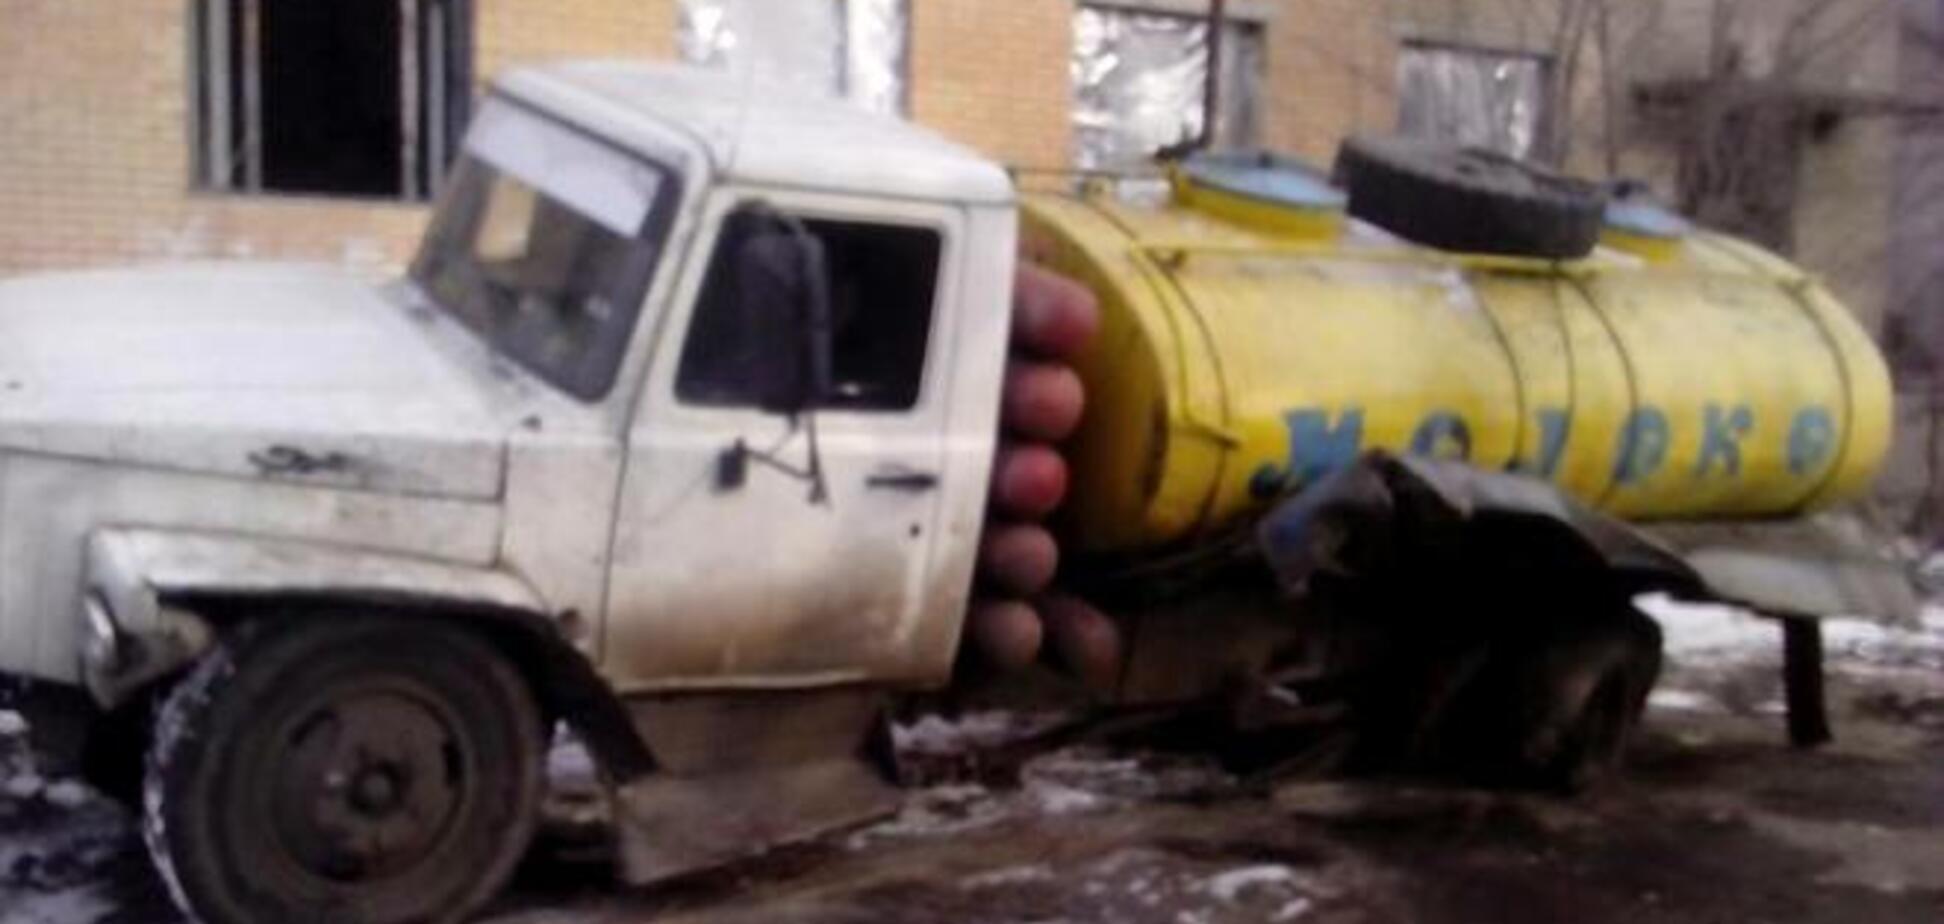 Боевики уничтожили молоковоз, которым доставляли воду бойцам АТО: фотофакт